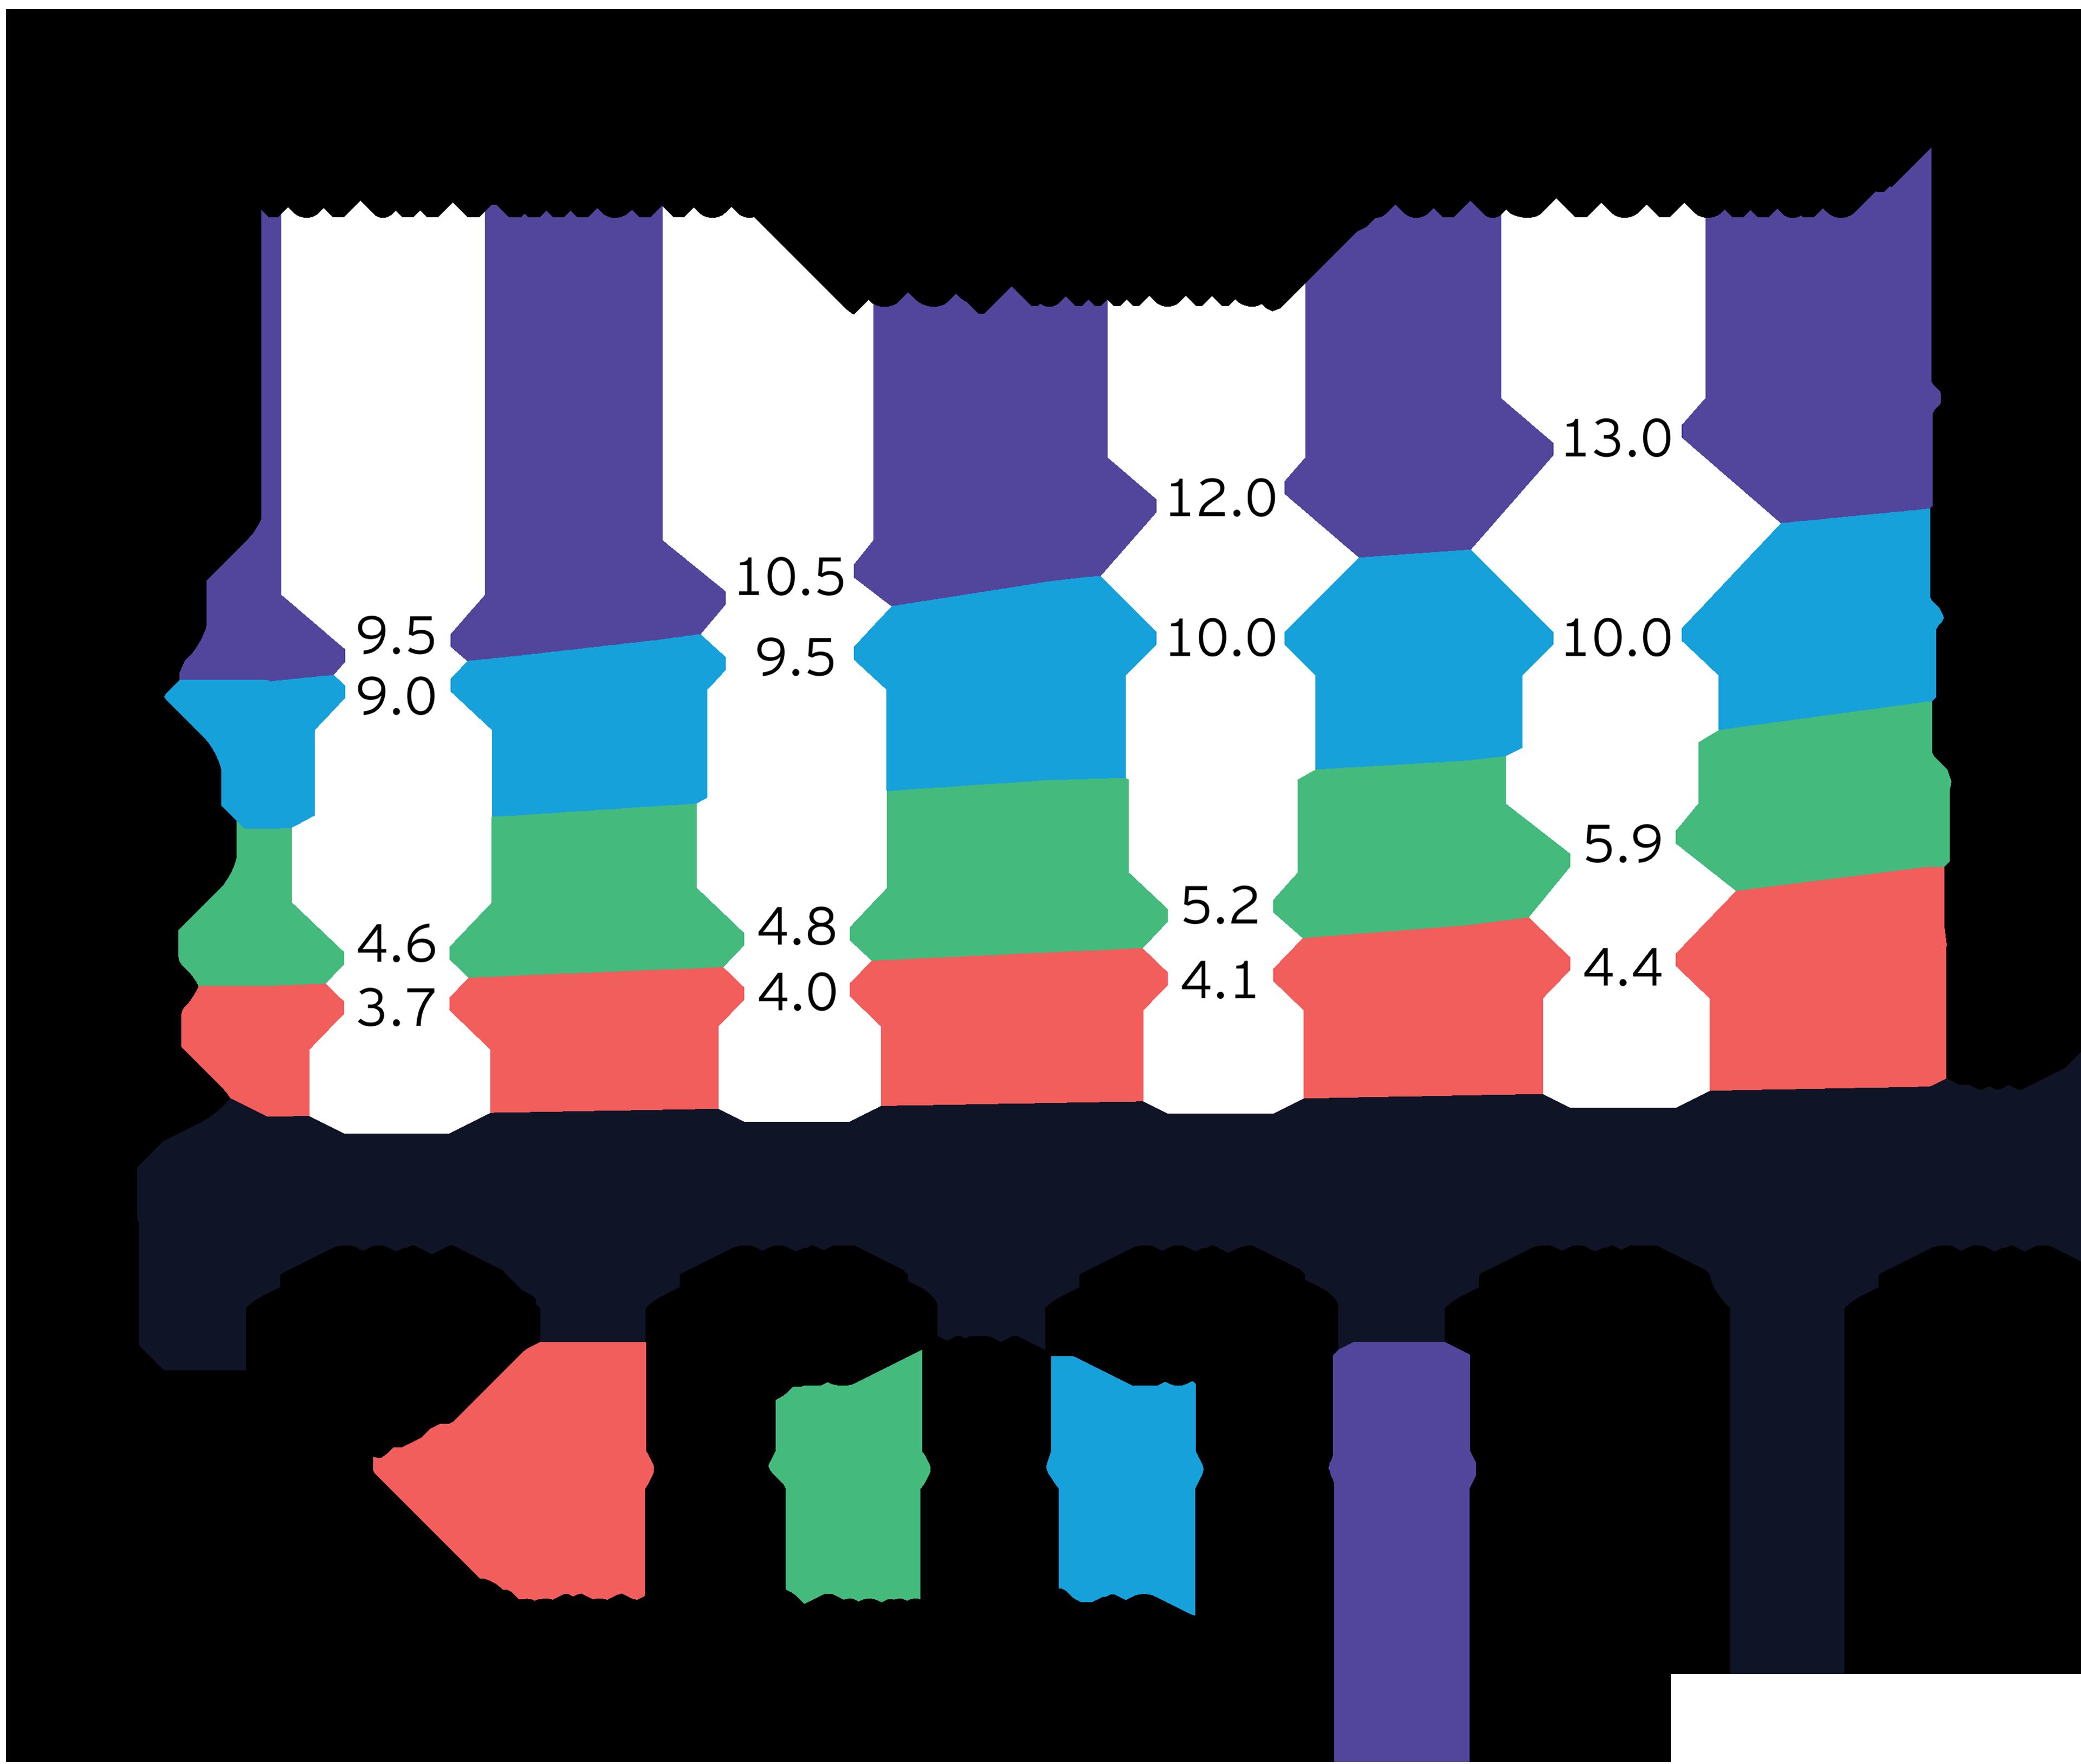 north american professional sports revenue